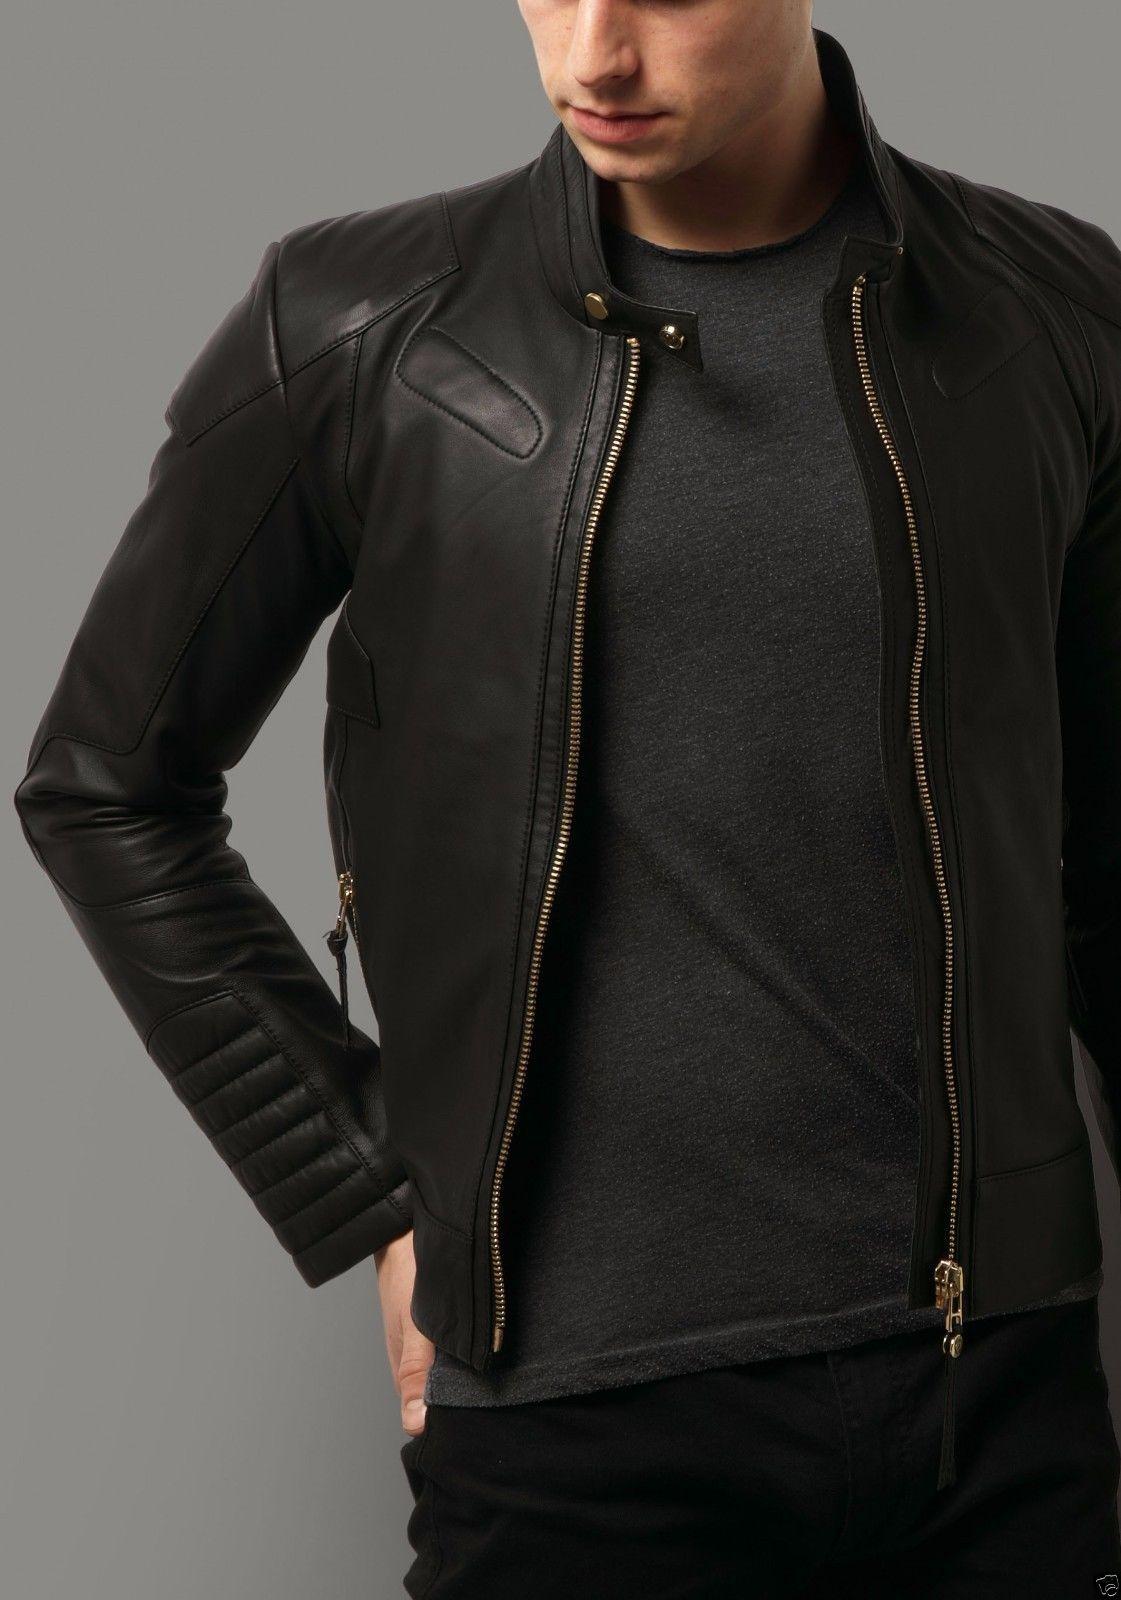 Slim Fit Biker Mens Black Leather Jacket Motorcycle Moto